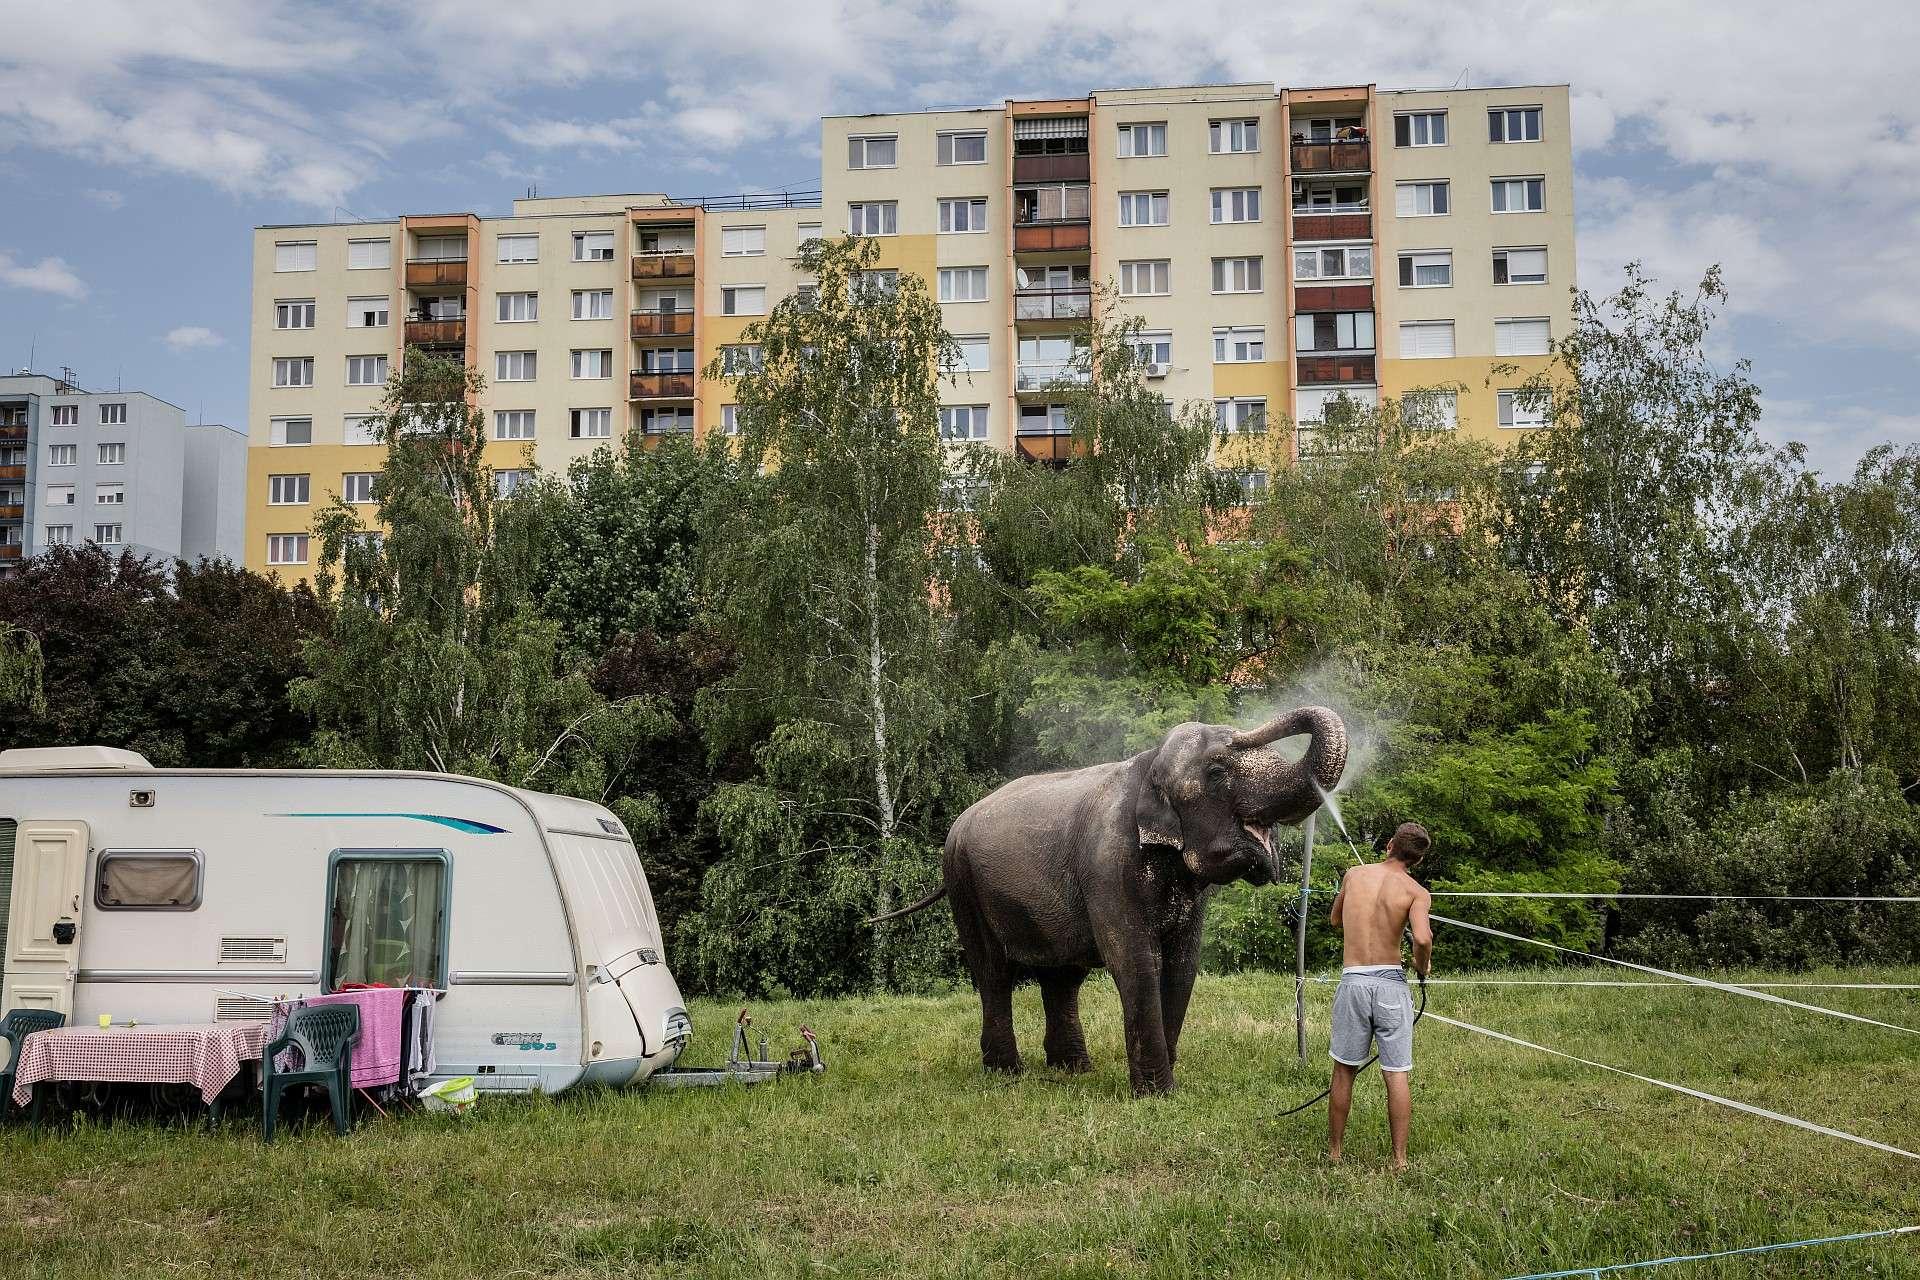 © Kállai Márton: Elefántfürdő, 2016, Budaörs